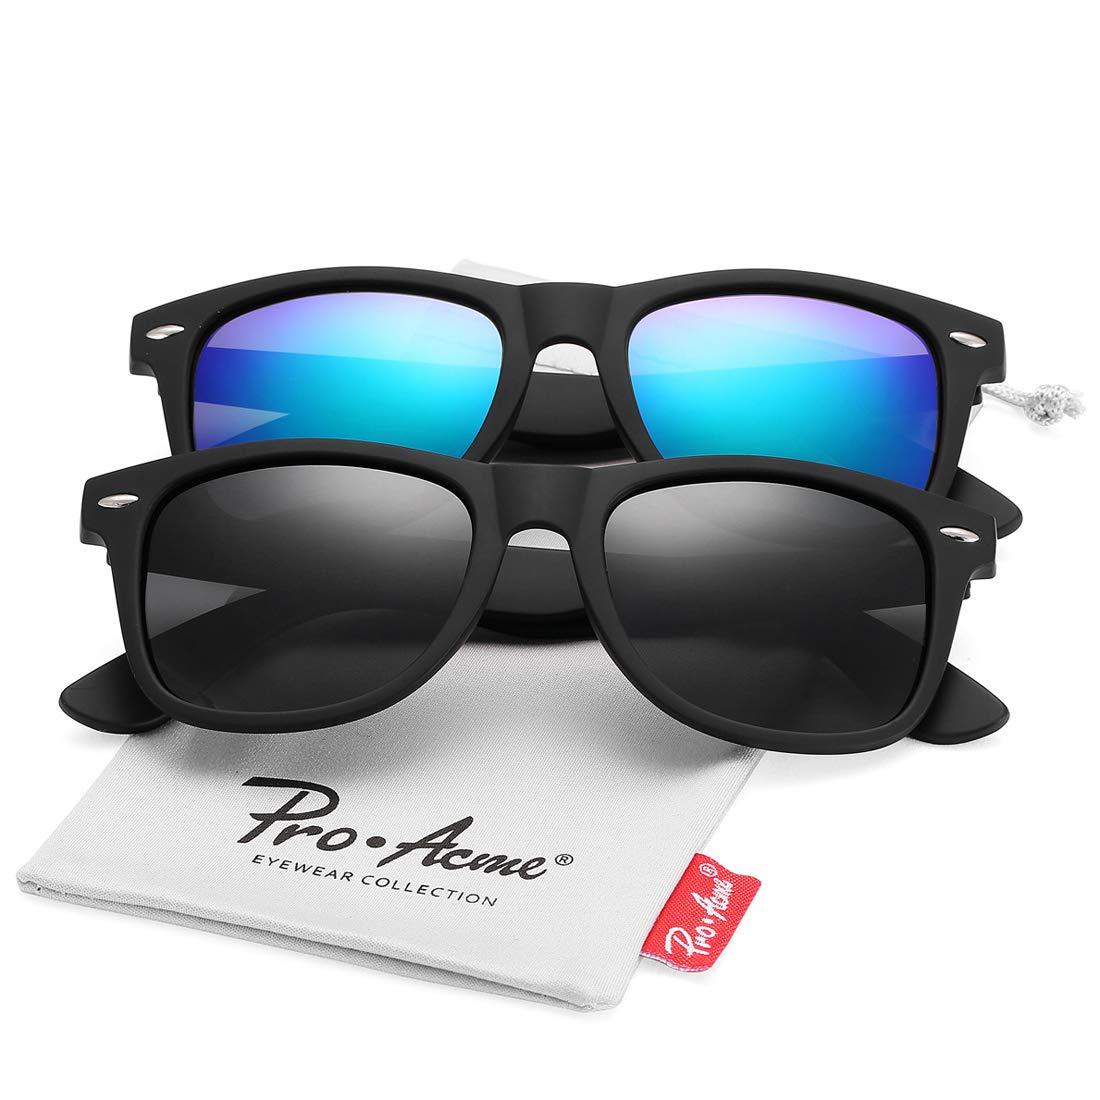 Pro Acme (Pack of 2) Polarized Wayfarer Sunglasses for Men Women (Black Lens +Green Mirrored Lens)